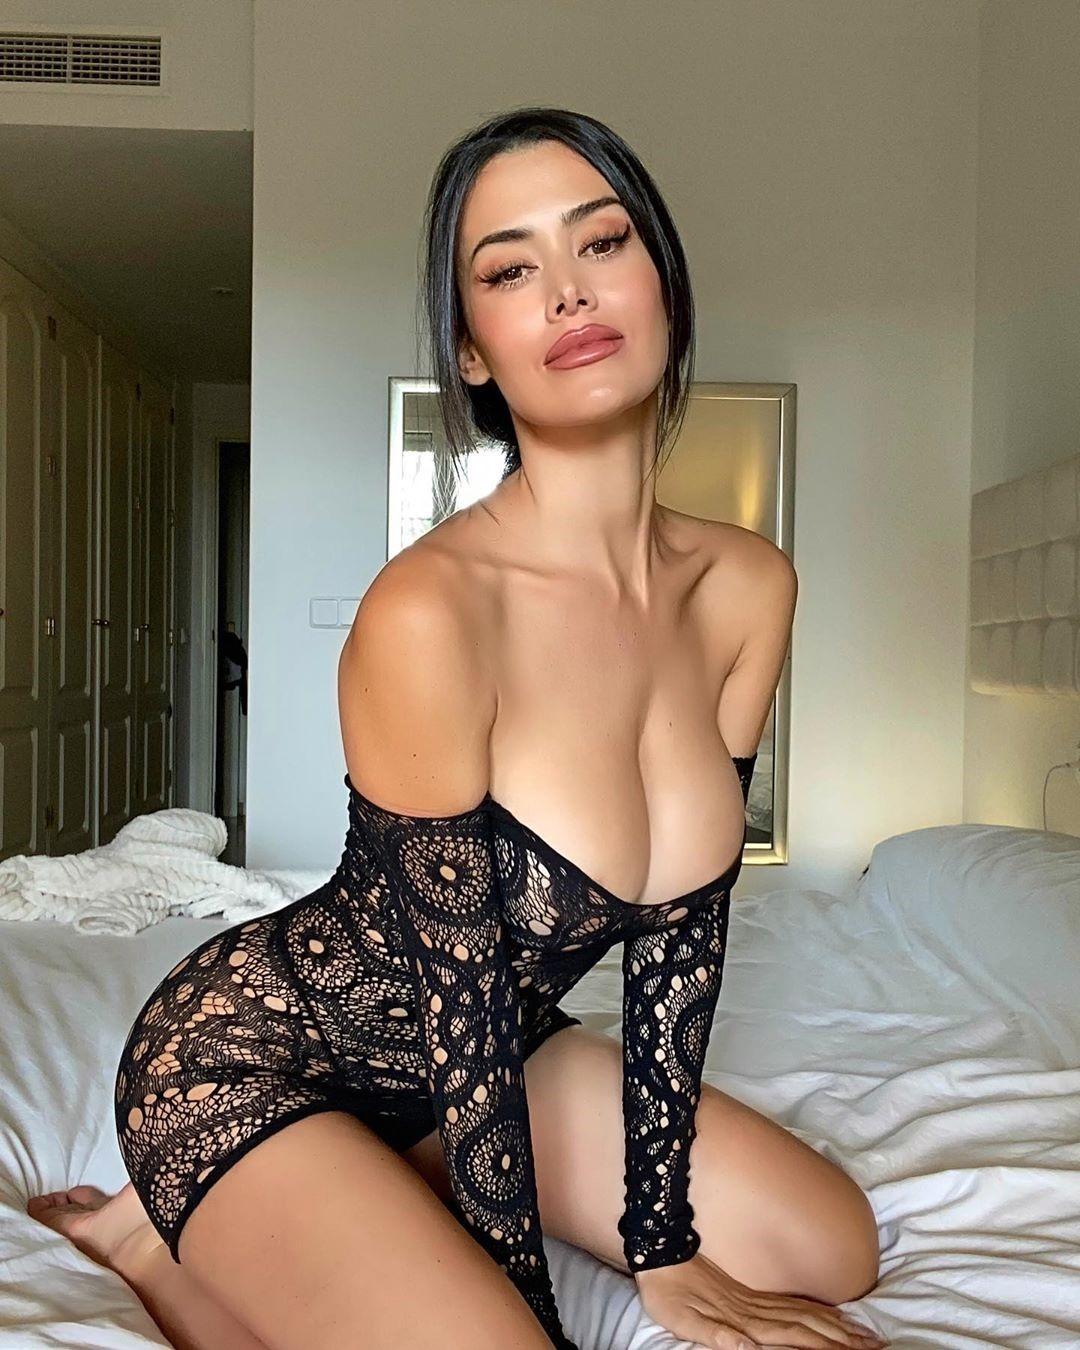 Eva Padlock Hot